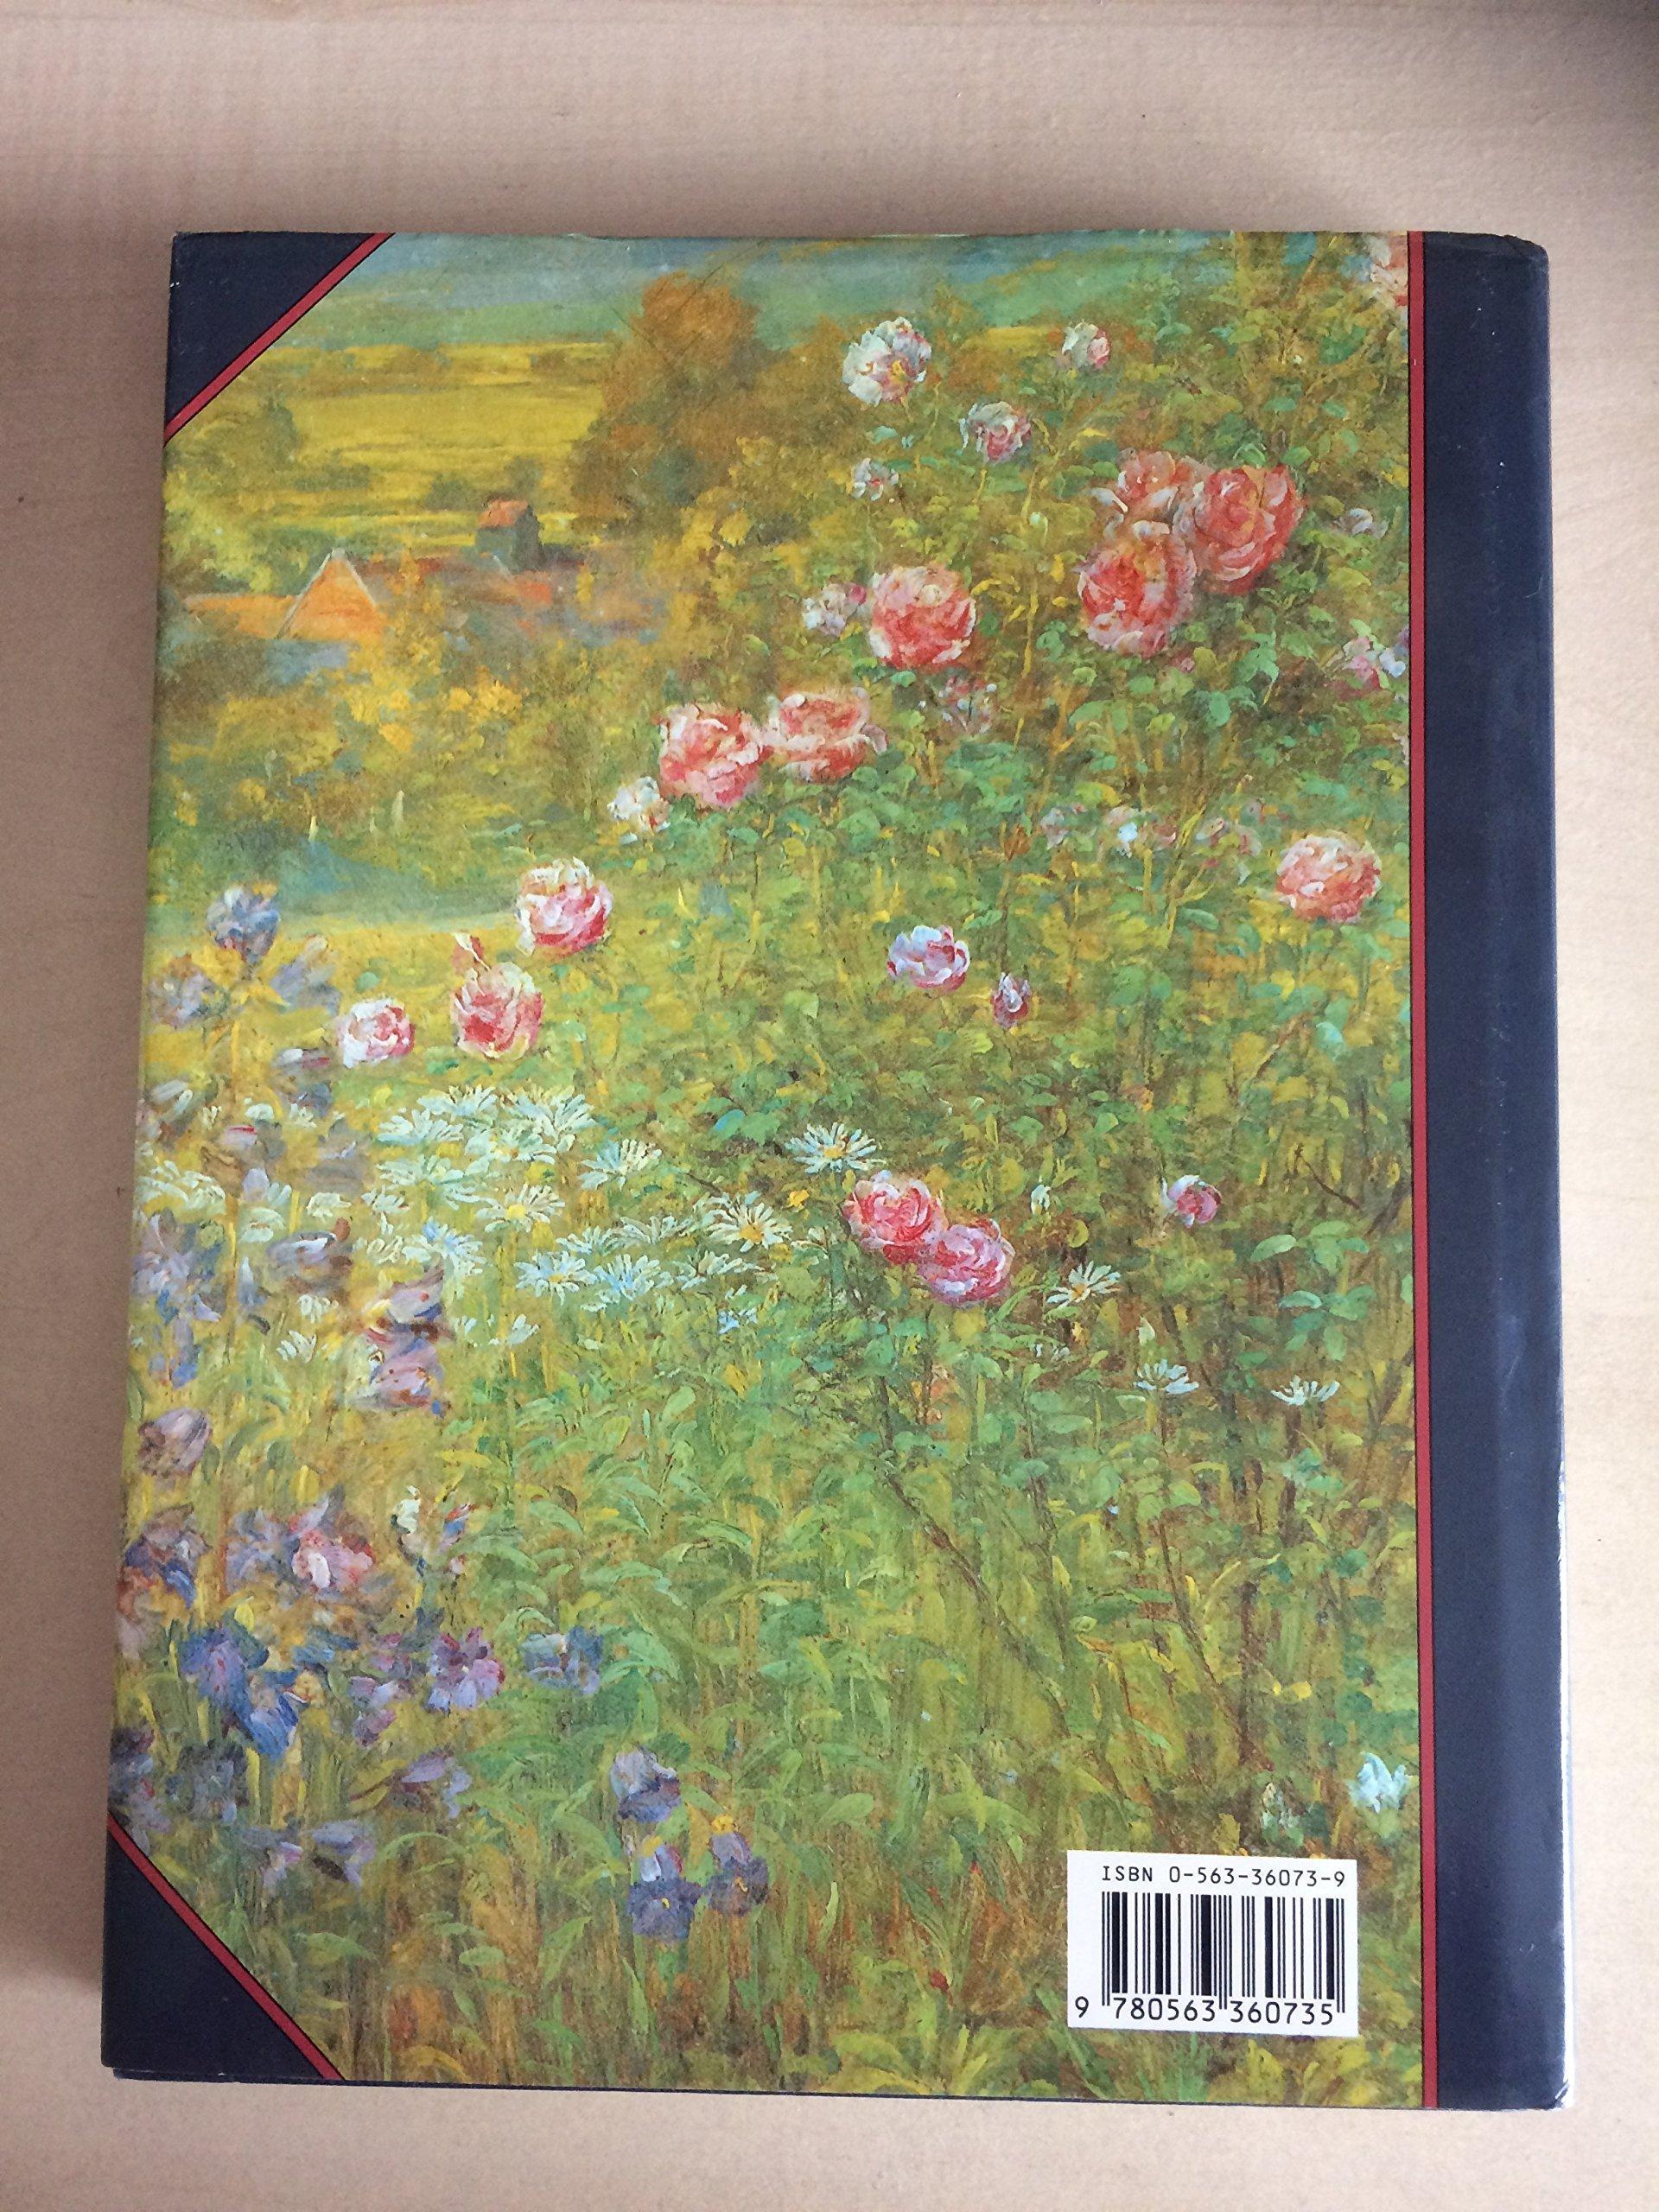 Ruth Mott Victorian Kitchen The Victorian Flower Garden Jennifer Davies 9780563360735 Books